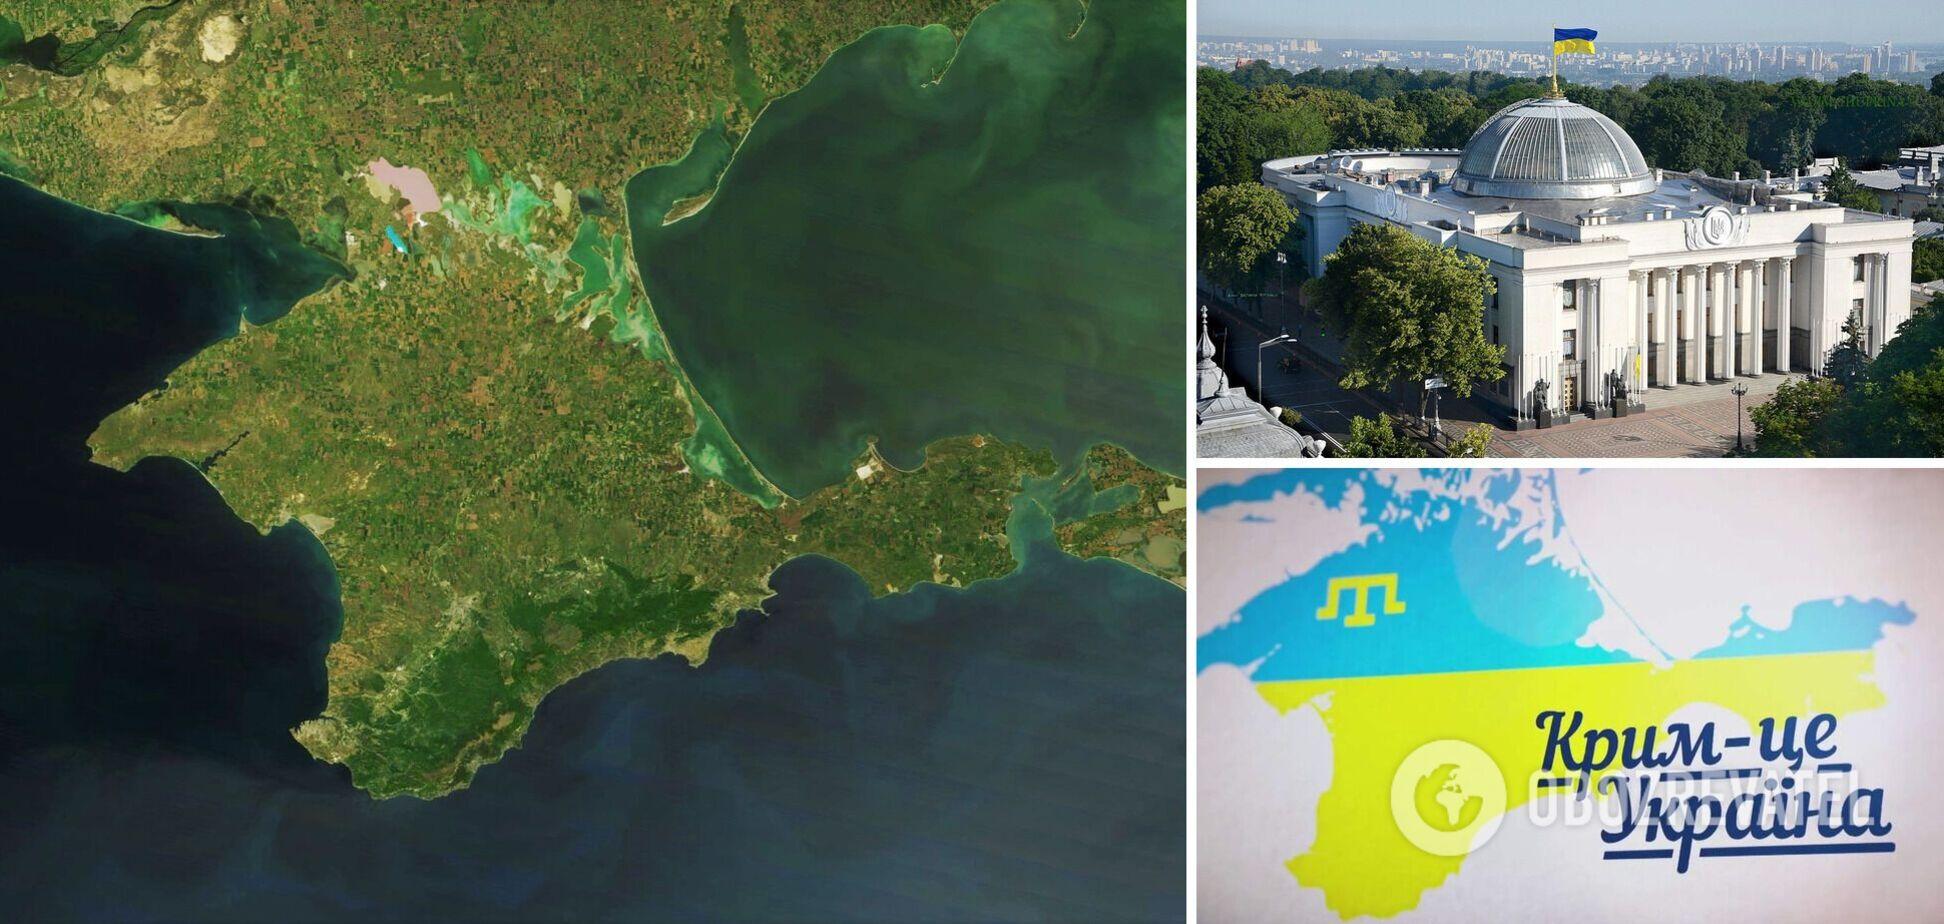 Запрет водоснабжения в Крым, закон о коренных народах и военных преступниках: что сделал парламент для деоккупации Крыма за сессию?